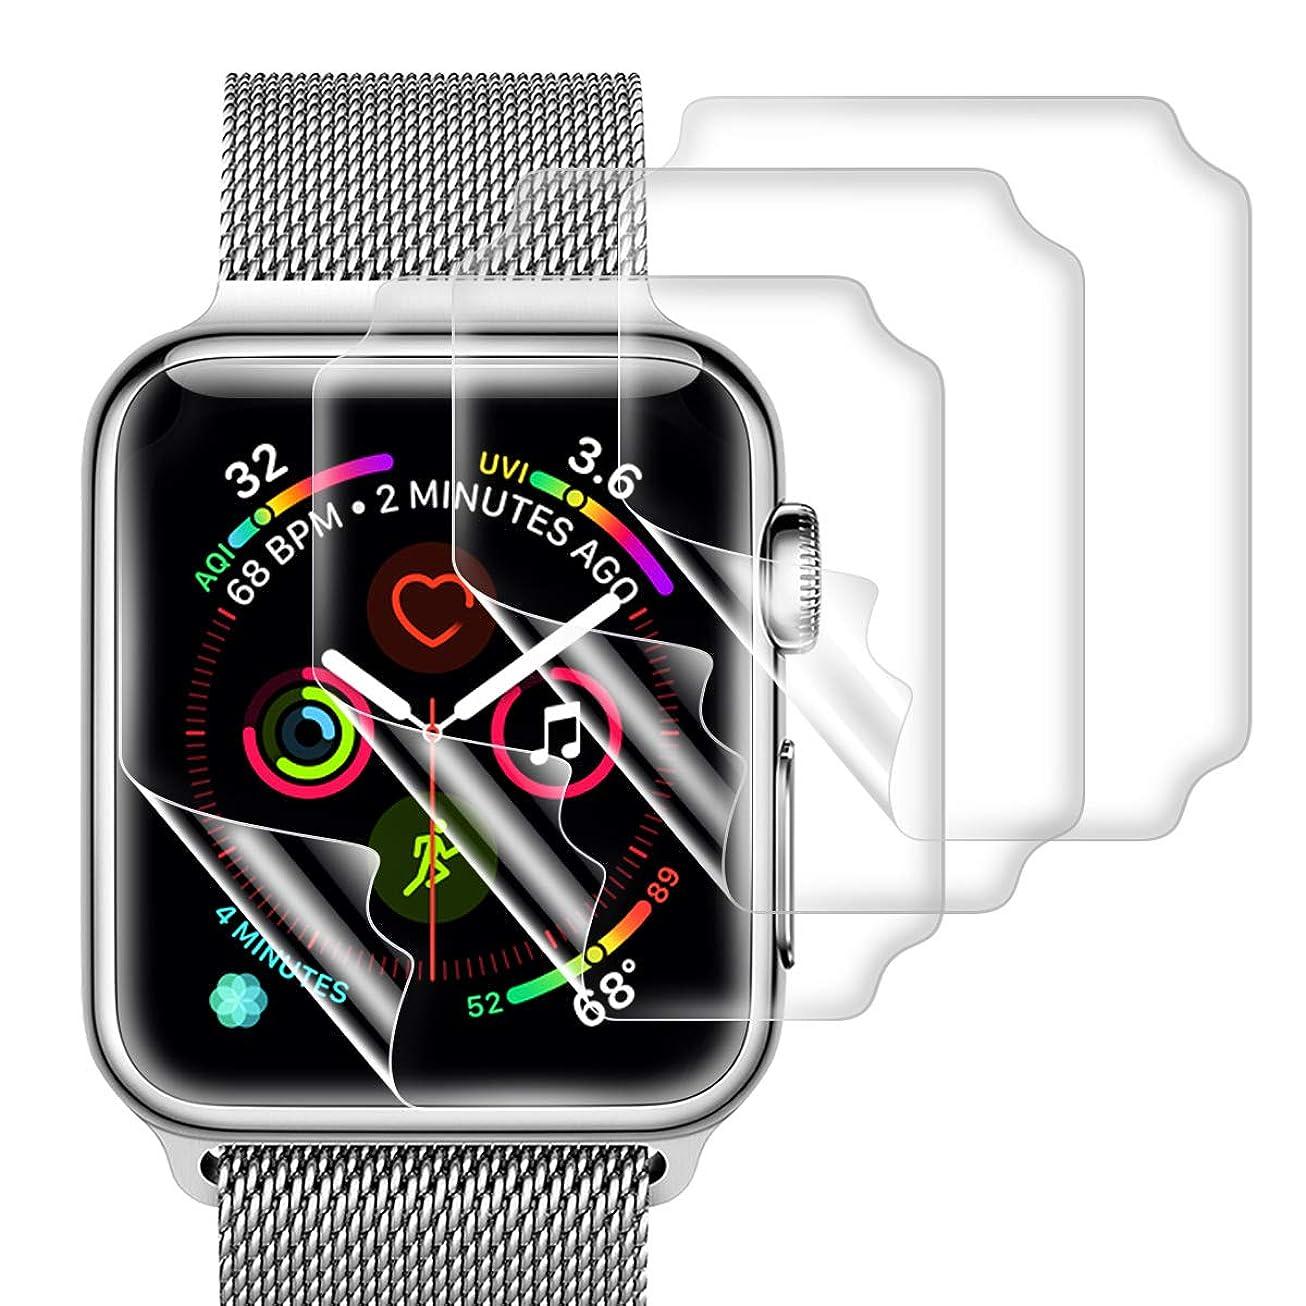 リスト誰がバラ色『3D全面保護』Apple Watch Series 4 44mm 対応 フィルム アップルウォッチ4 超薄 TPU製 液晶保護フィルム 高透過率 耐指紋 傷修復性 衝撃吸収 気泡軽減 貼り直し可 【4枚入り】